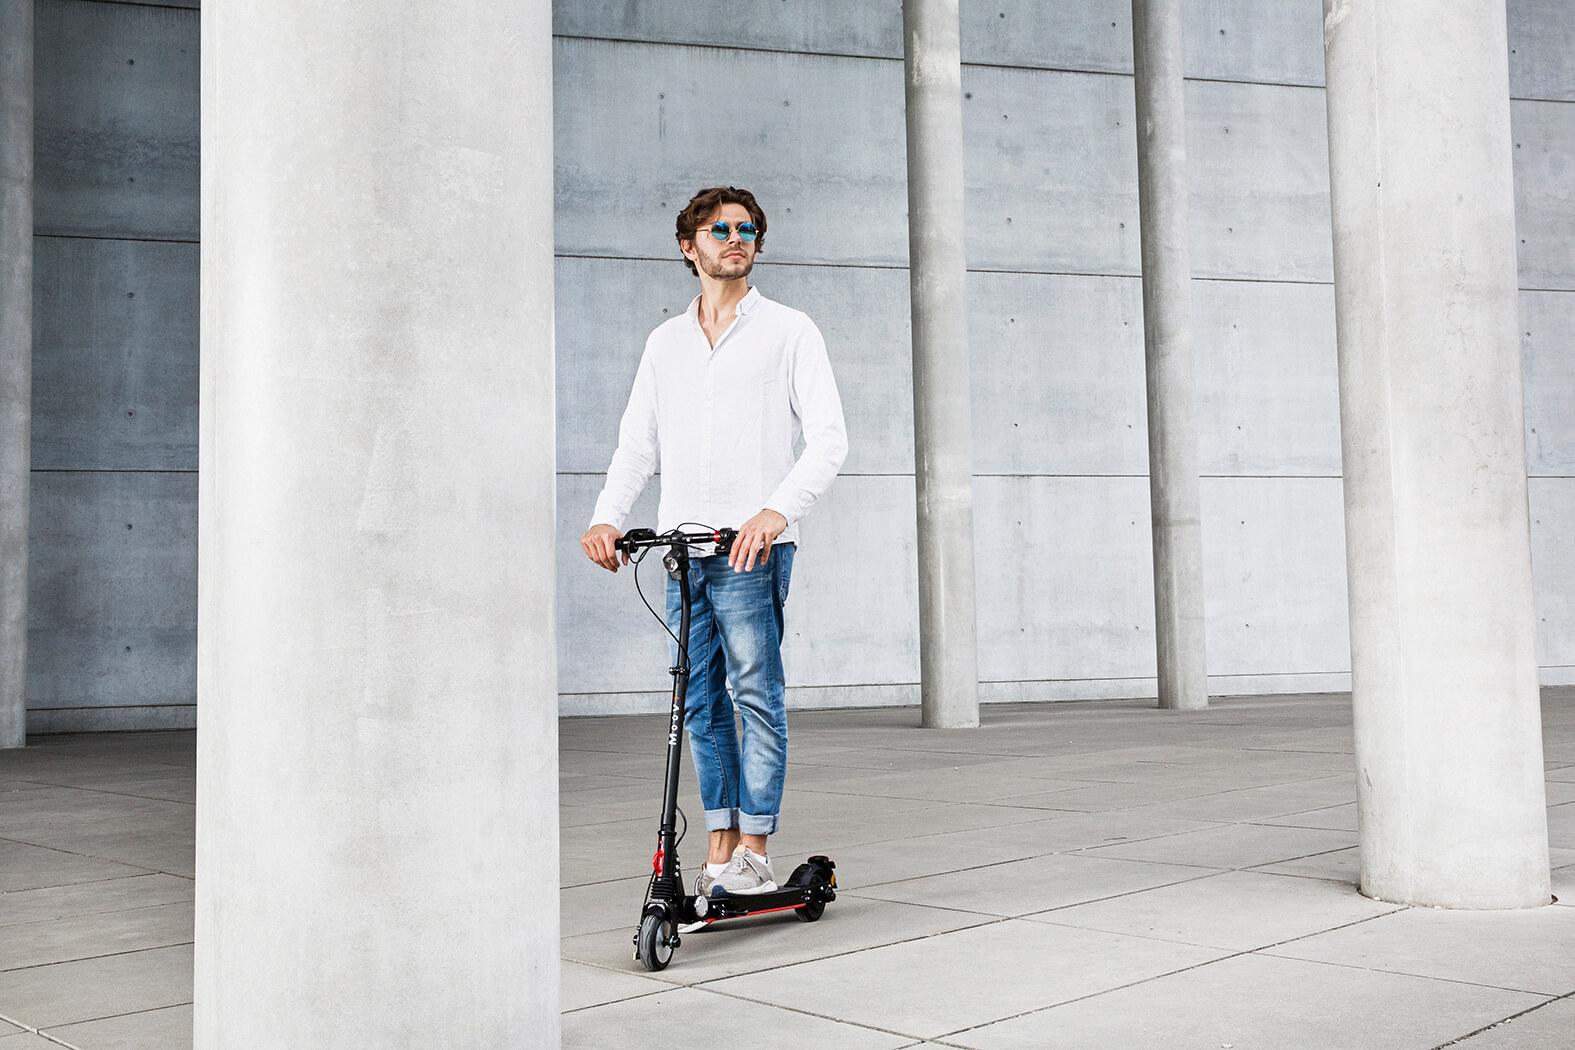 Wo dürfen E-Scooter gefahren werden?